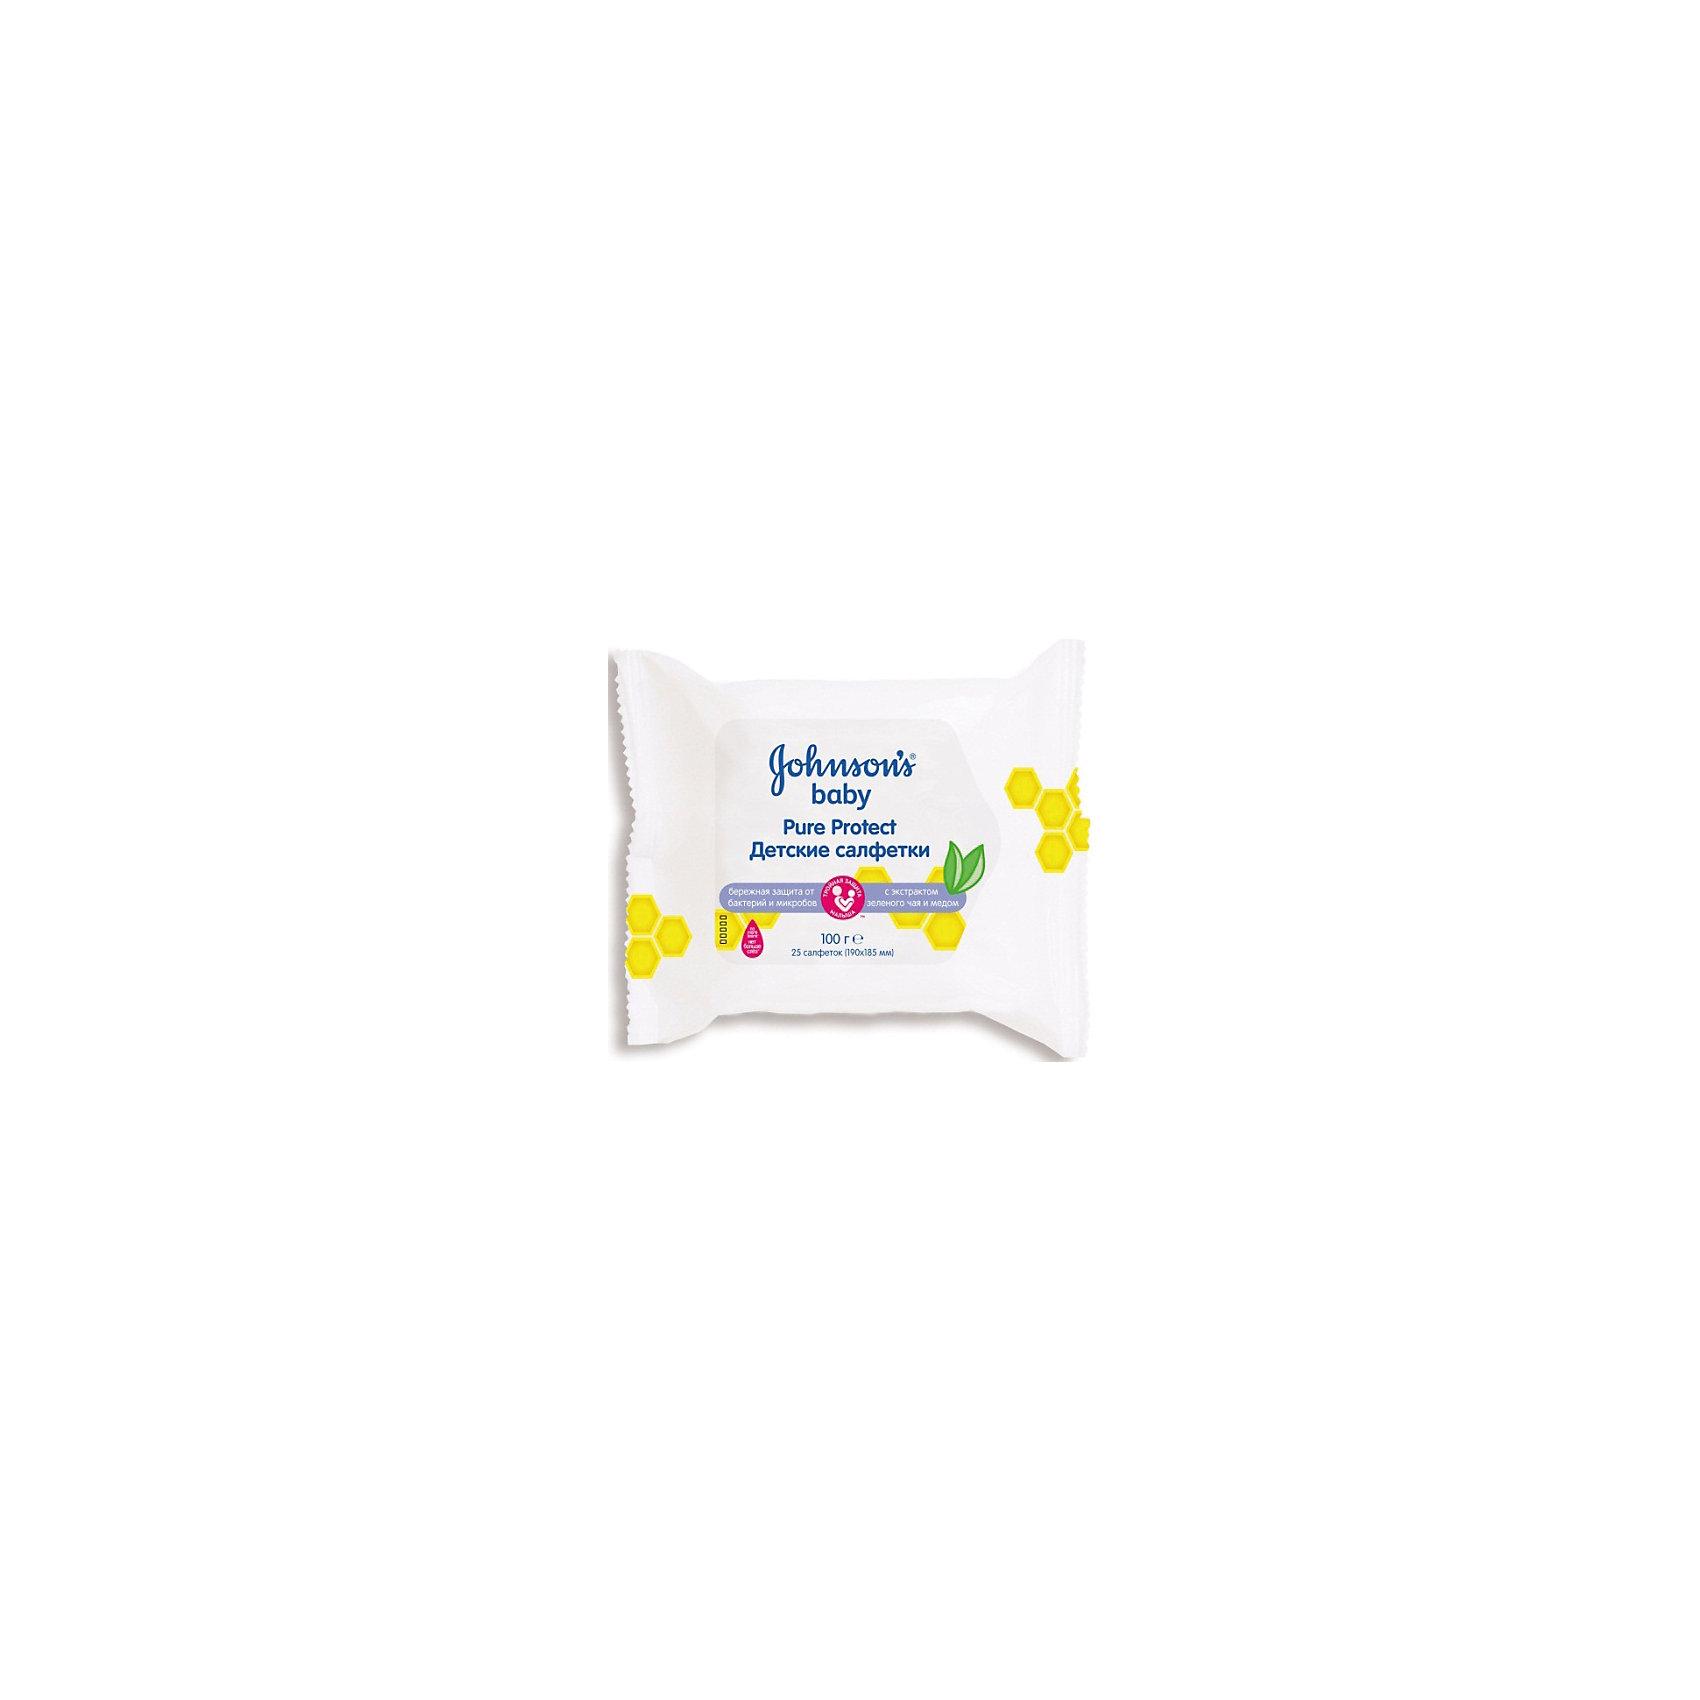 Johnson`s baby Влажные салфетки Pure Protect 25 шт., Johnson`s baby johnson s baby влажные салфетки для самых маленьких 128 шт подарок pure protect влажные салфетки детские 25 шт